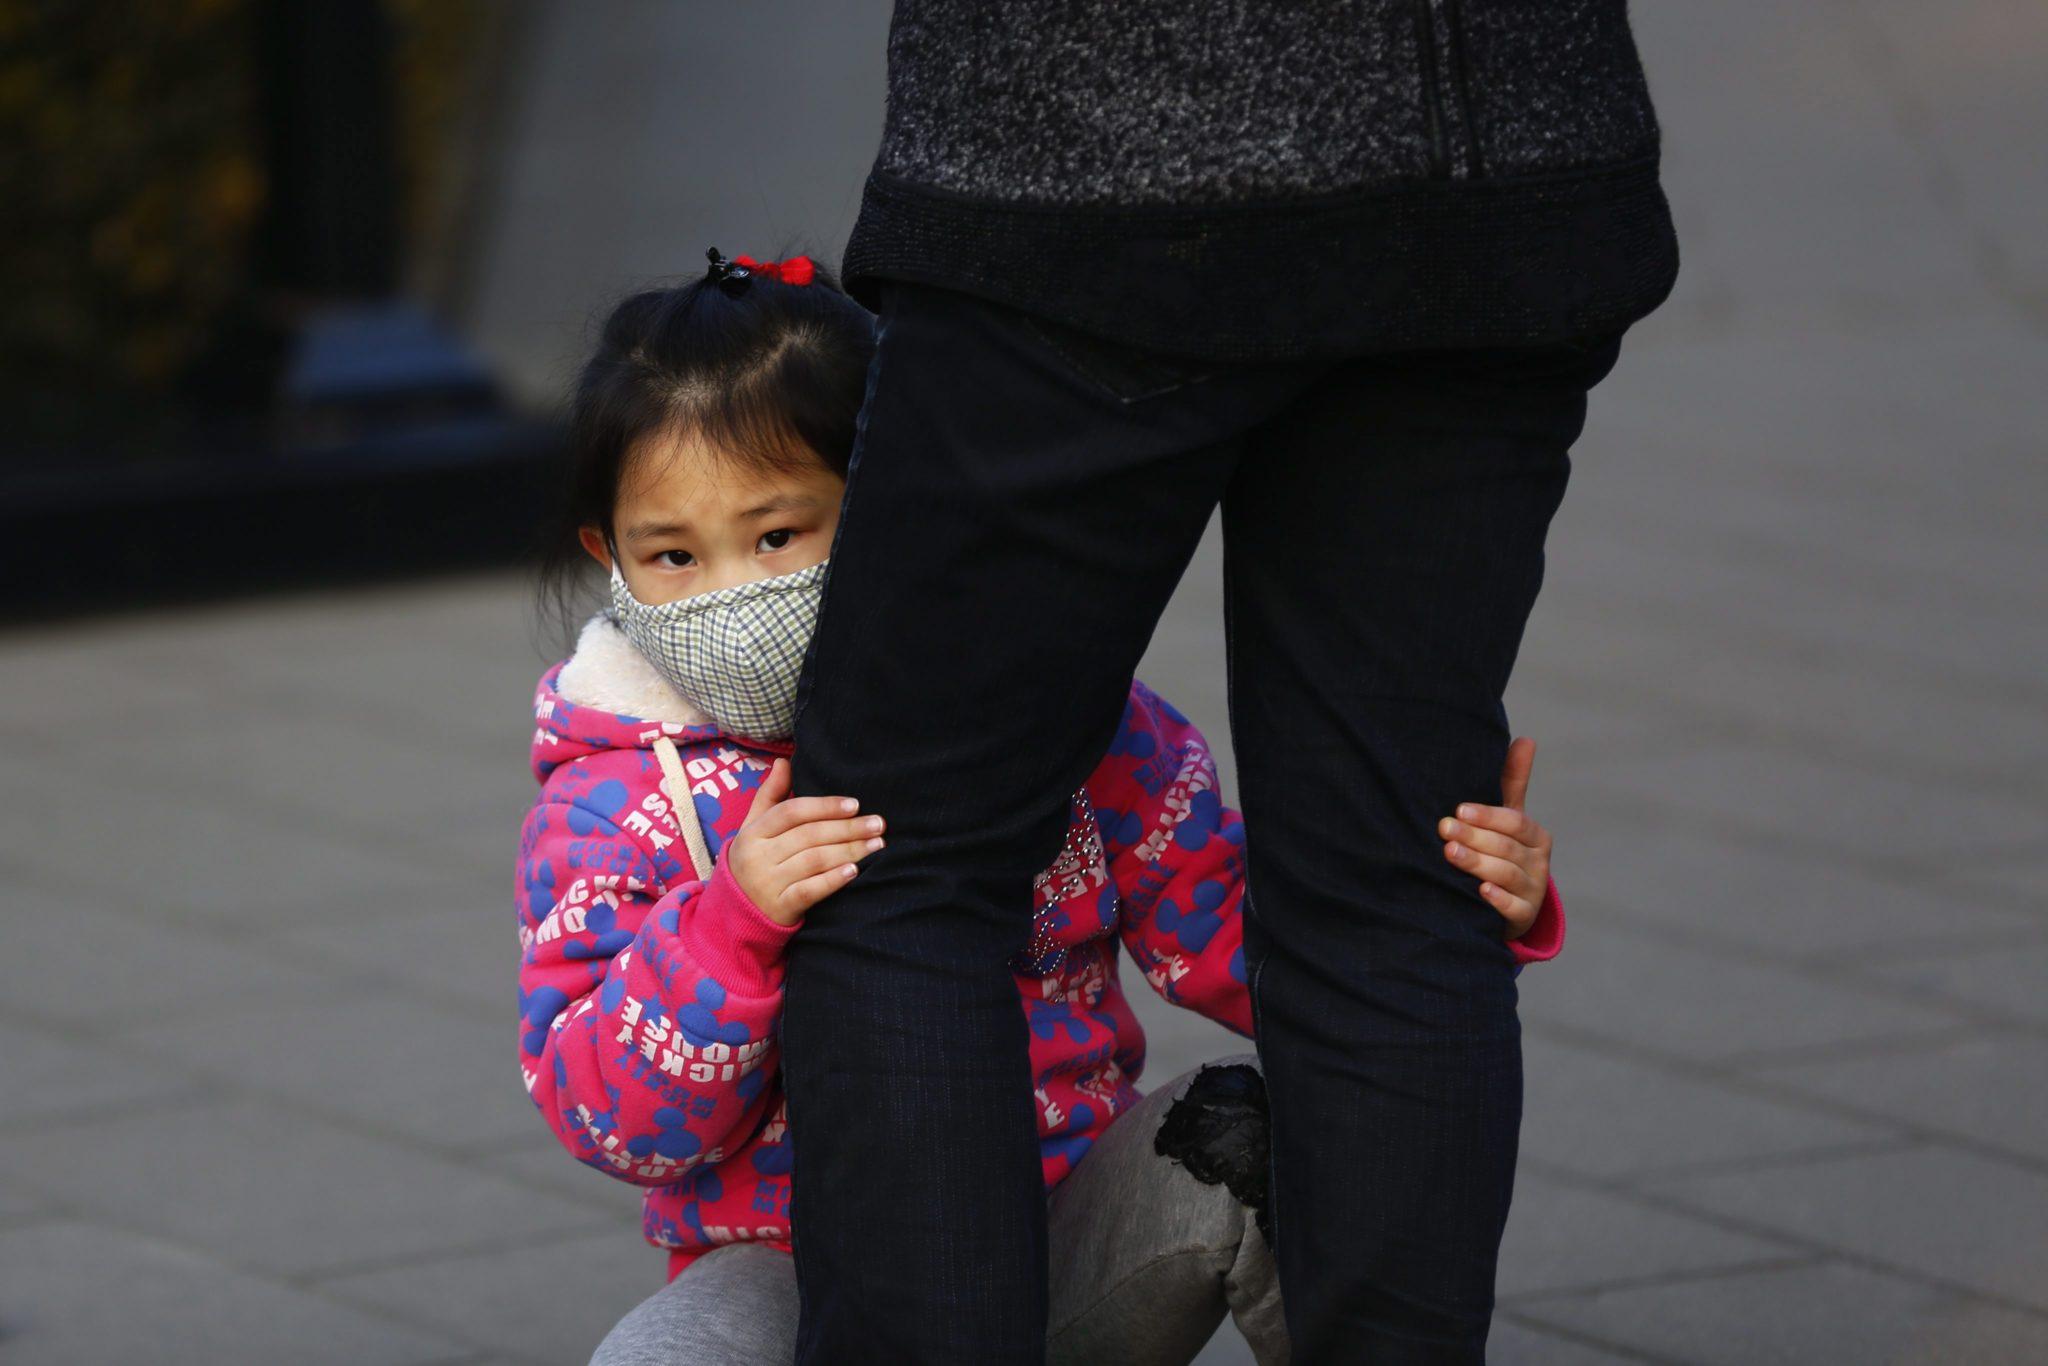 Chiny: wzrost poziomu zanieczyszczenia w Pekinie wciąż wzrasta (foto. PAP/EPA/WU HONG)